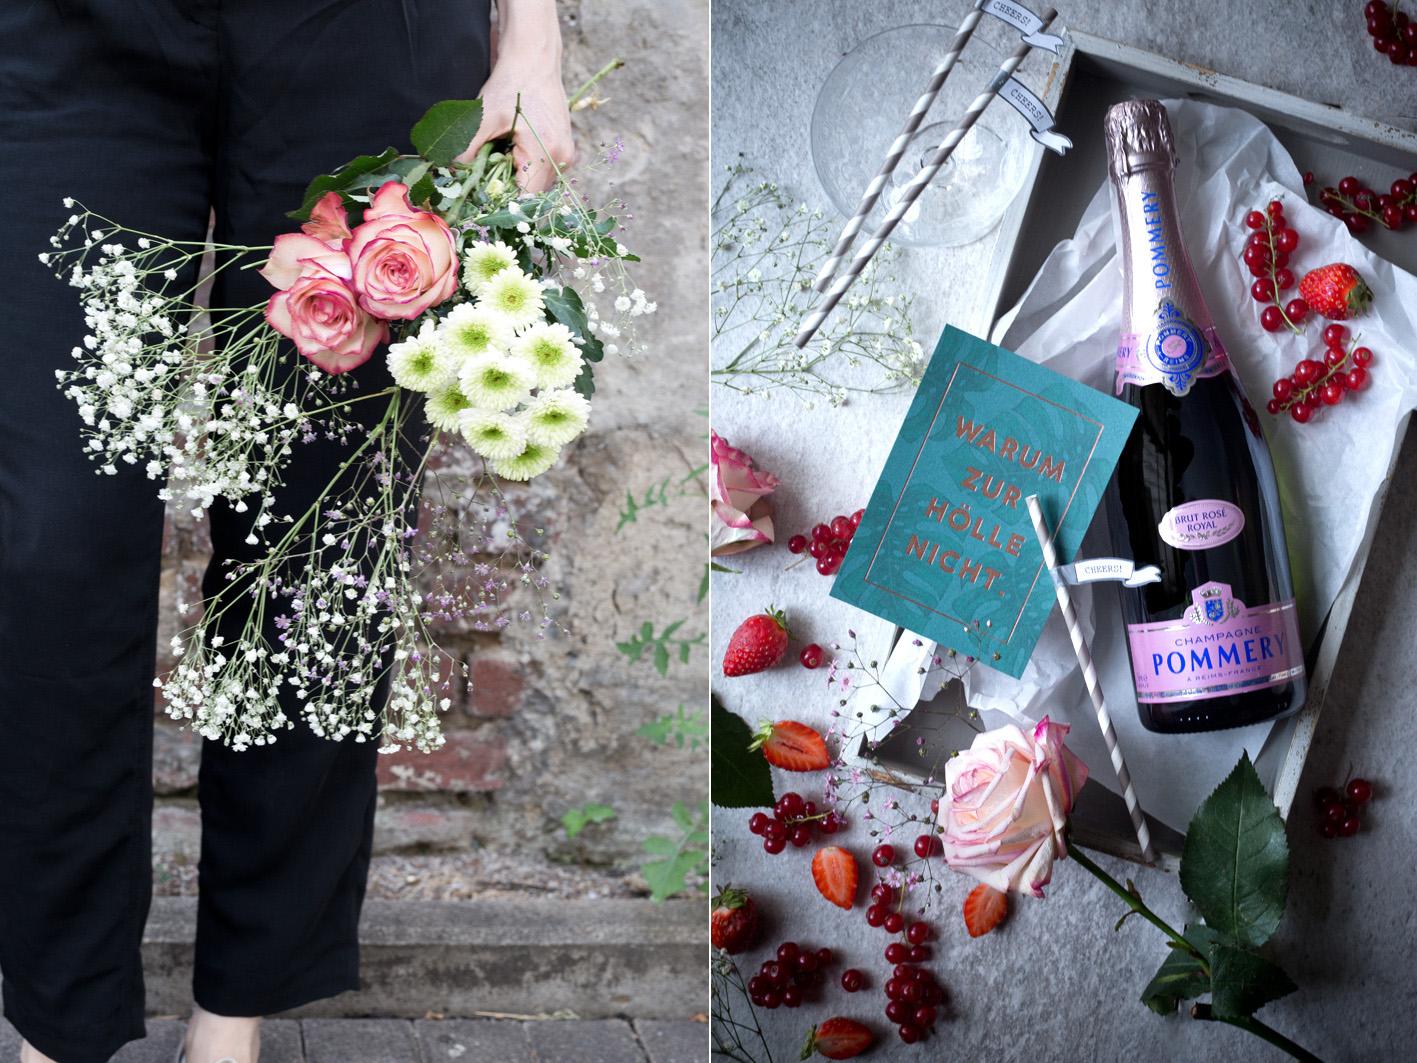 Pommery und Blumenstrauß